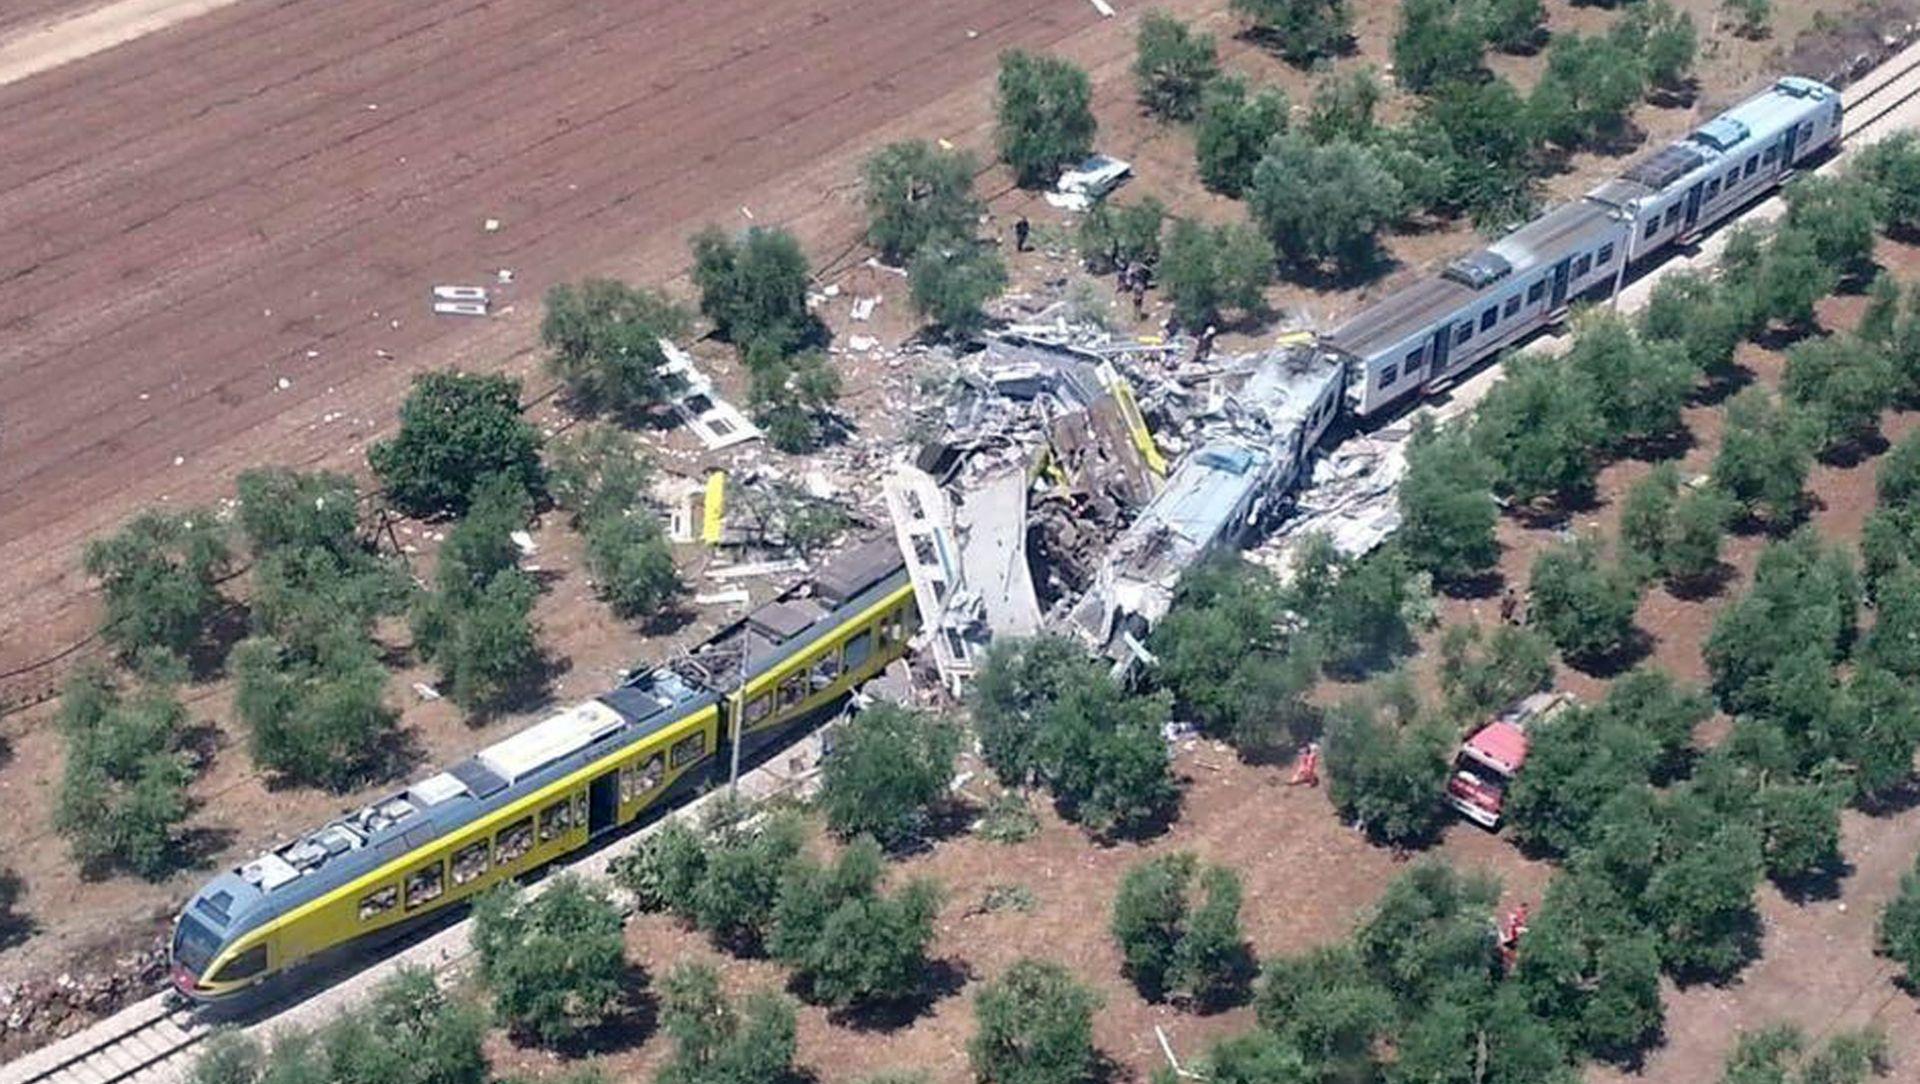 ŽELJEZNIČKA NESREĆA: Za sudar vlakova u Italiji možda kriva tehnička greška